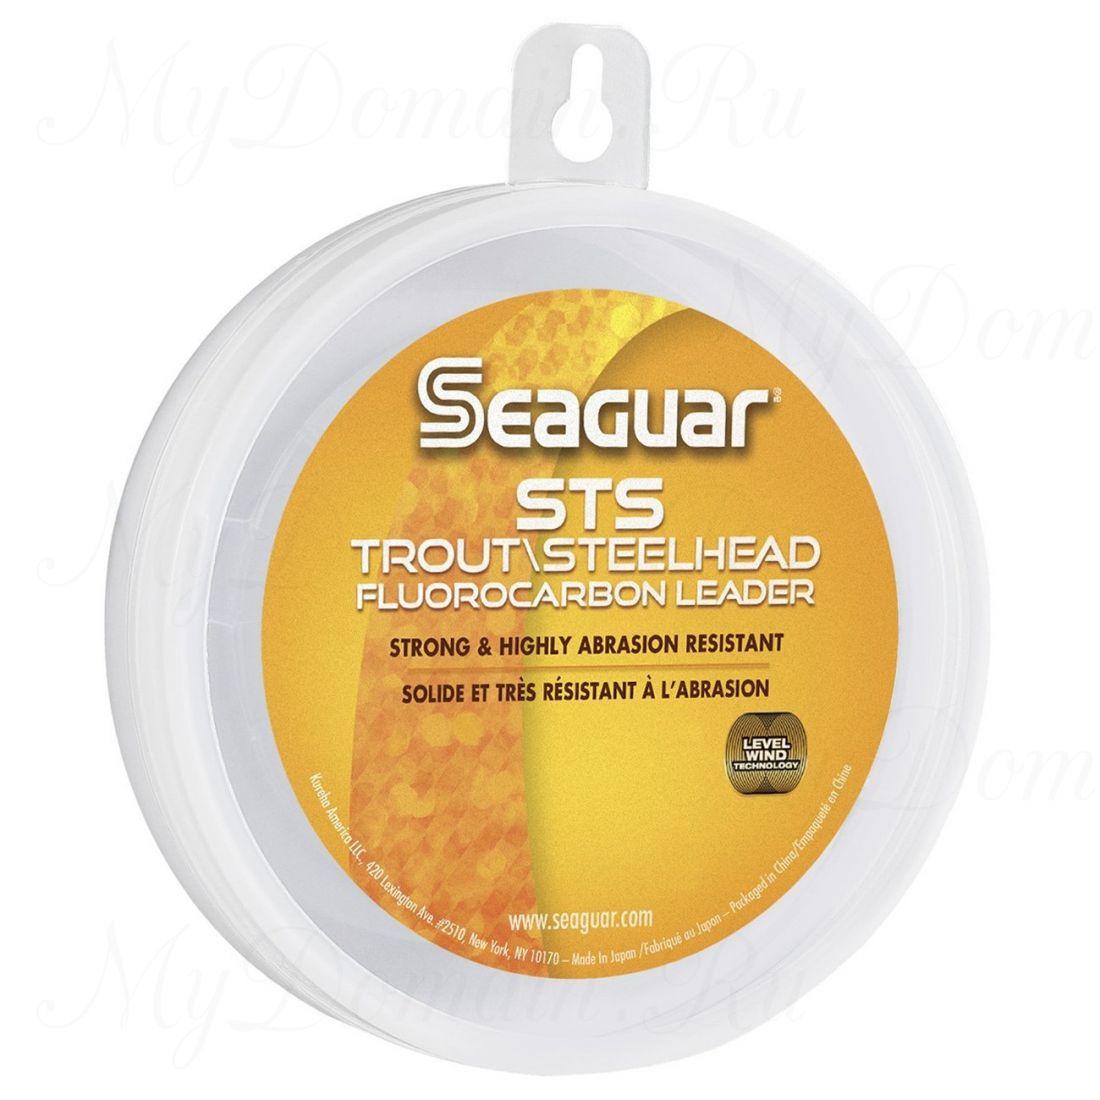 Поводковый материал из флюорокарбона Seaguar STS Salmon & Trout/Steelhead 0,205 мм; 6 lb/2,7 кг; 100 ярдов /91 м.